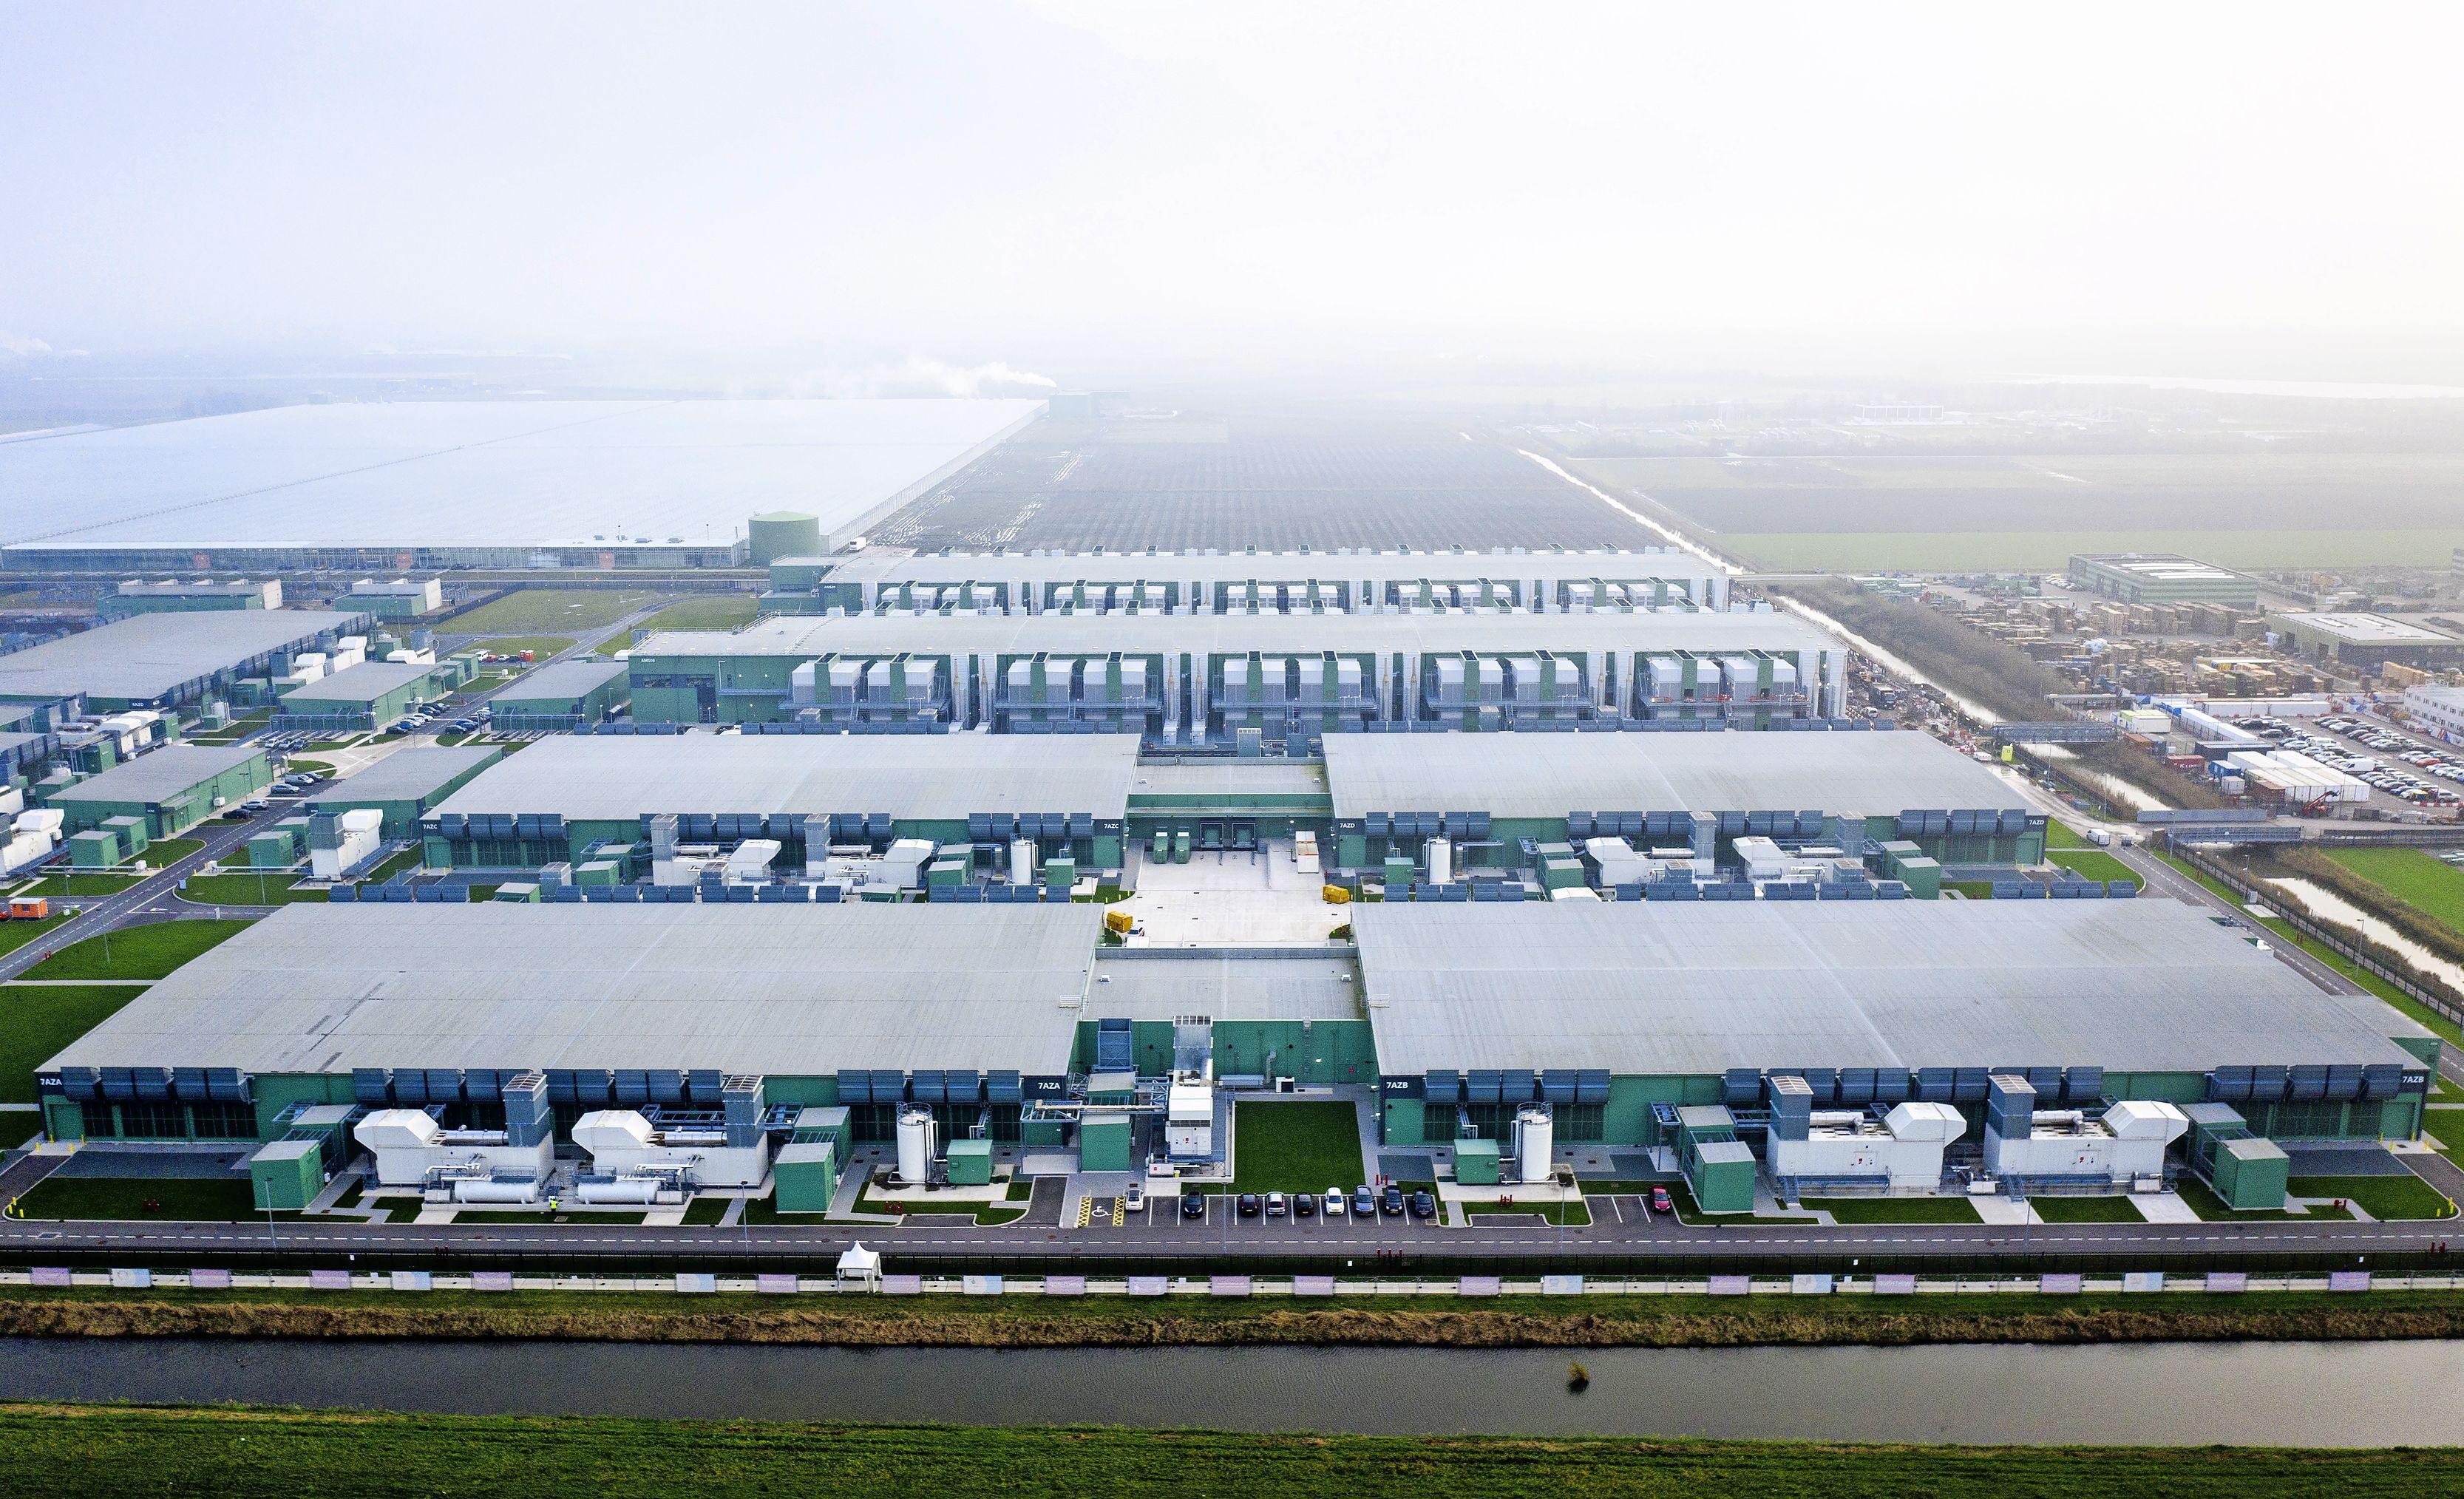 Grote weerzin tegen datacenters in de polder: 'zonde van het landschap'